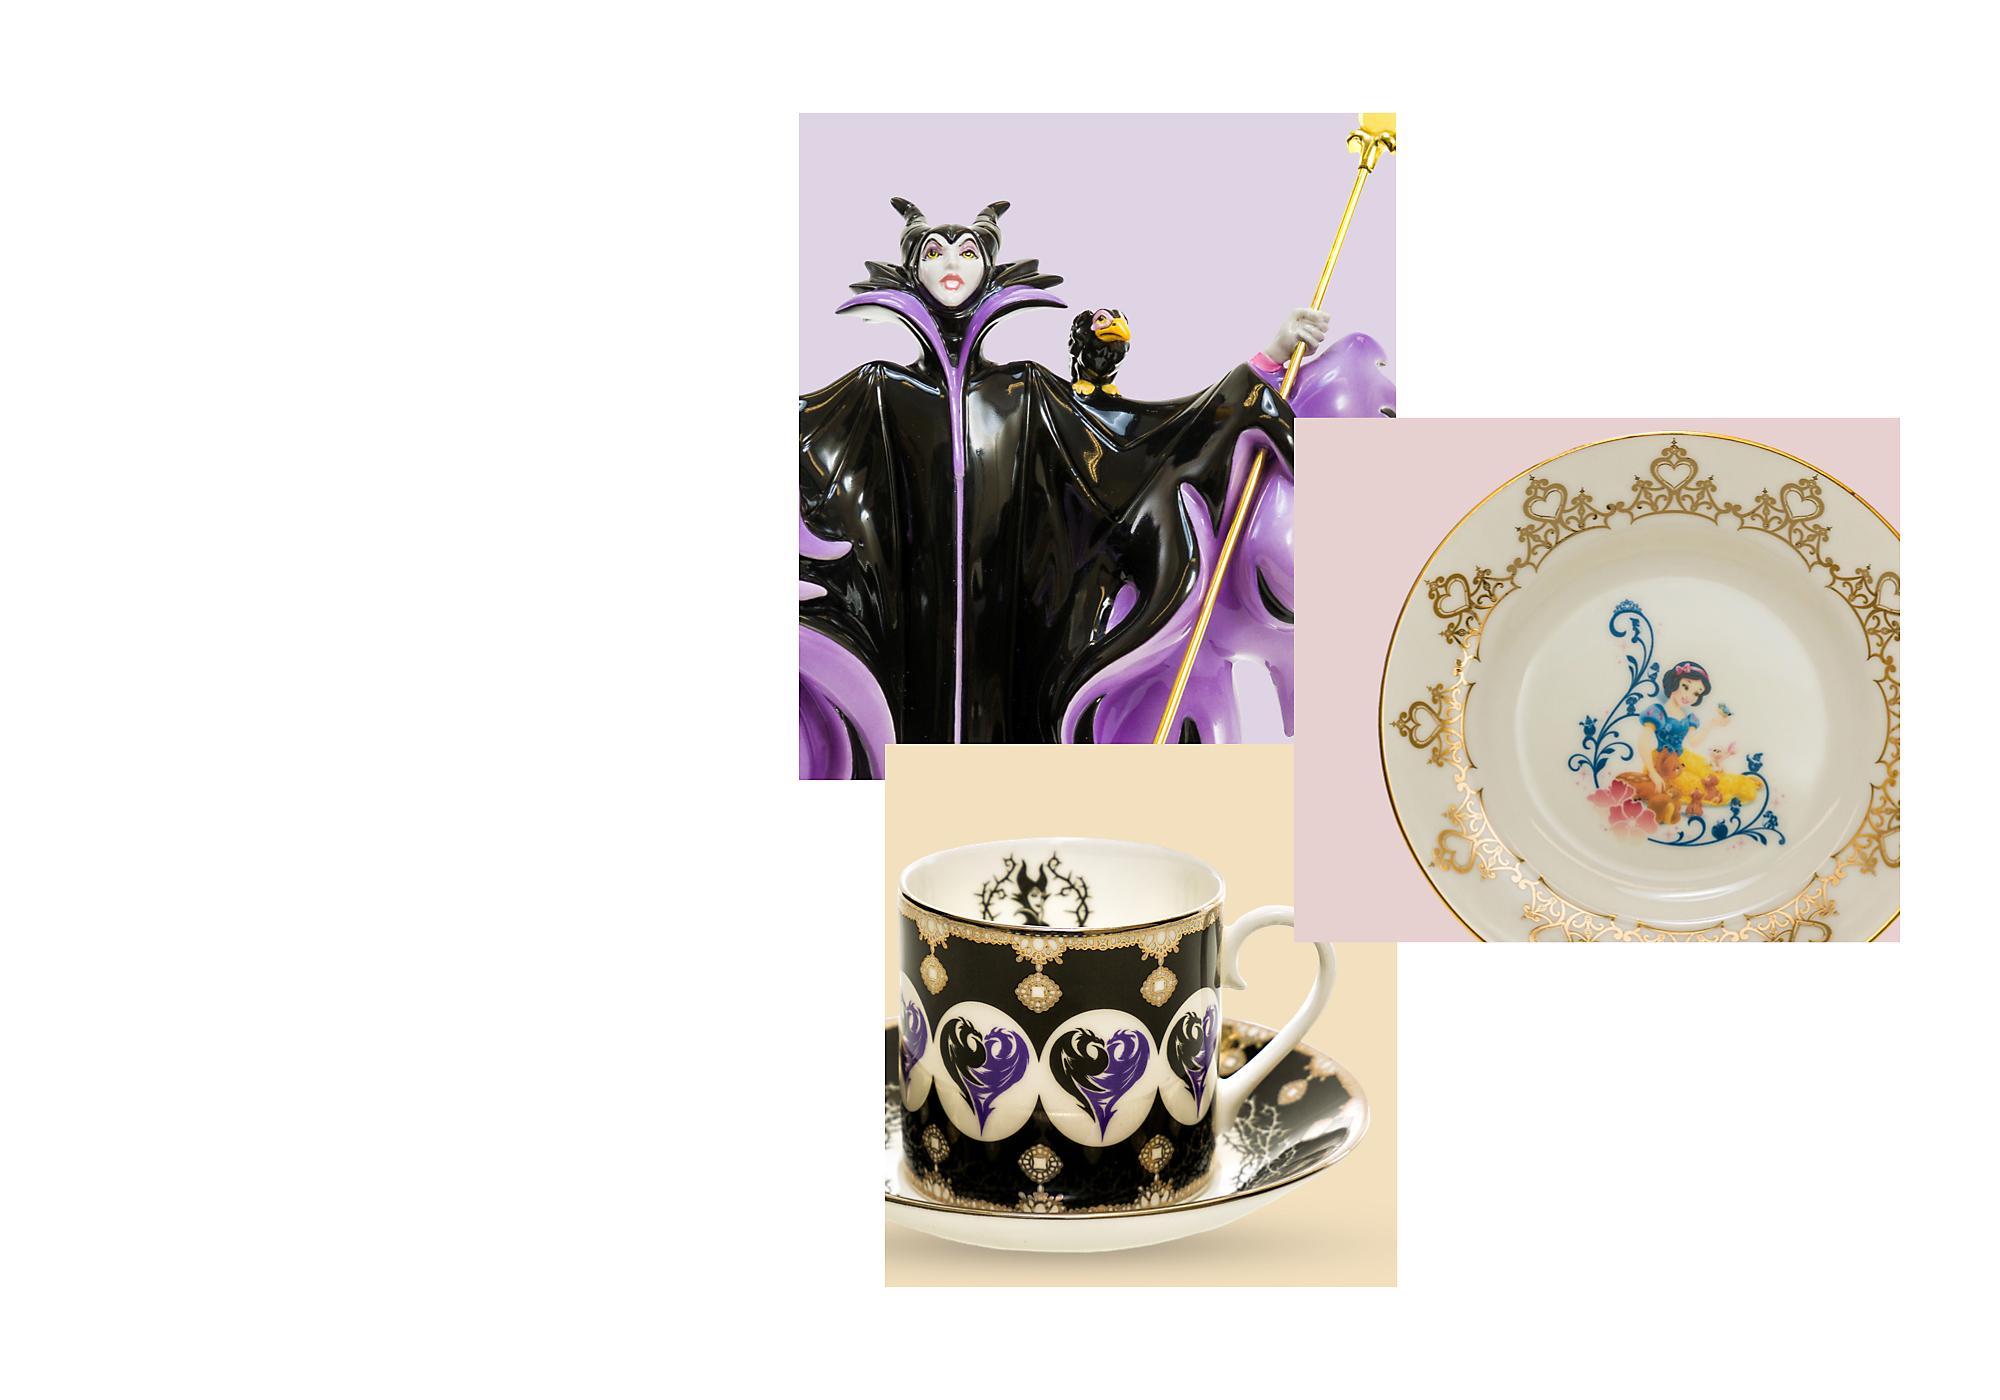 Collezionabili di classe La  English Ladies Co. è una gamma di statuine e articoli da regalo in fine porcellana con disegni unici e alti livelli di dettaglio nel modello e nella pittura. ACQUISTA ORA